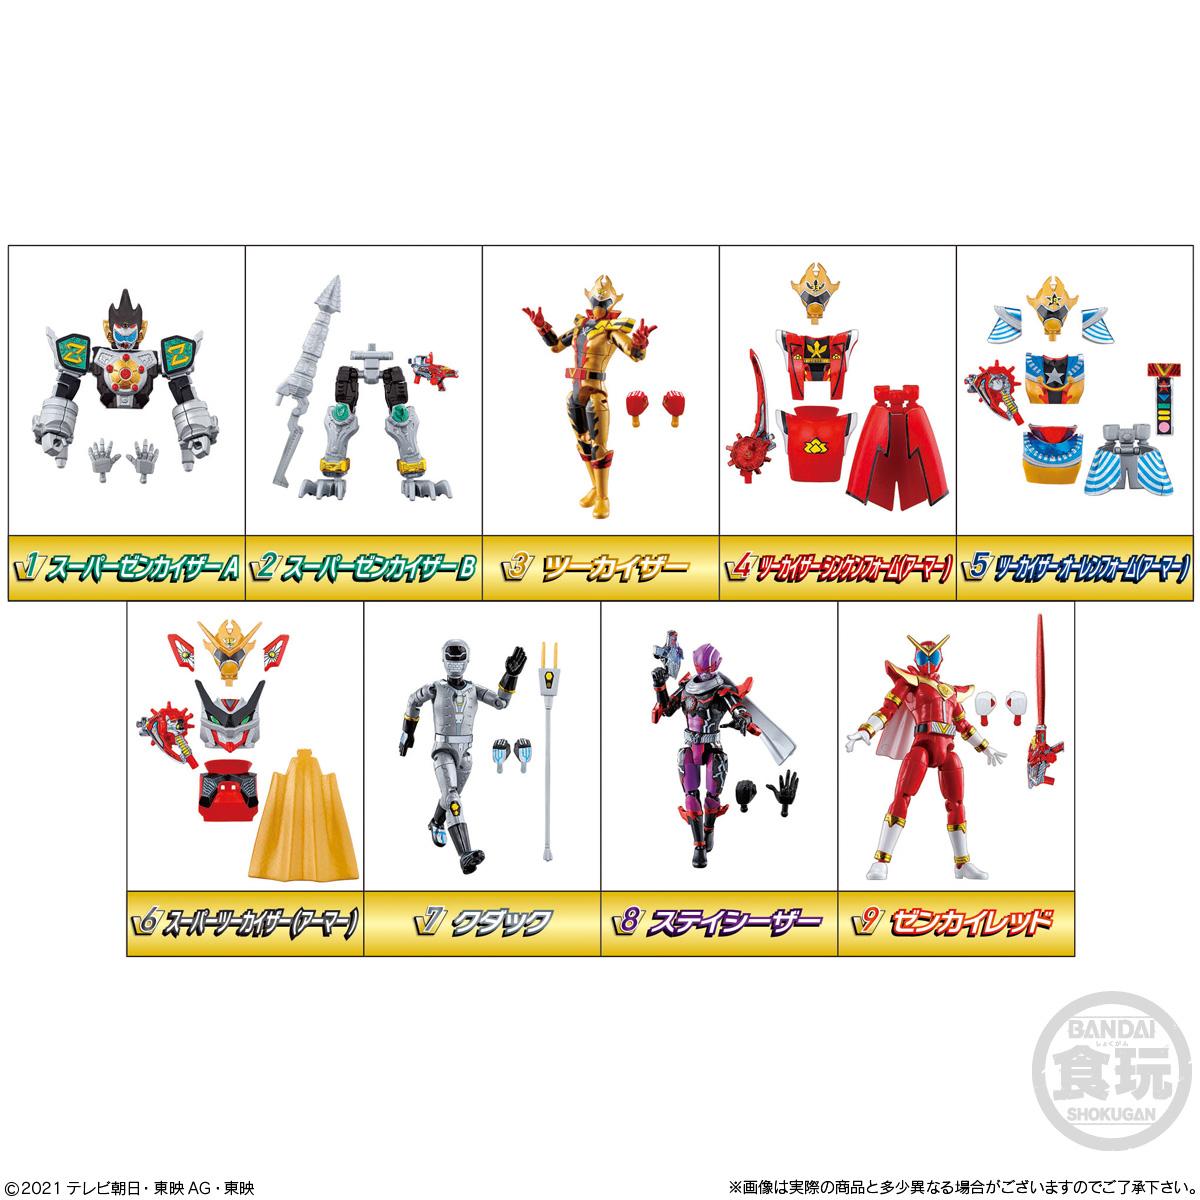 【食玩】機界戦隊ゼンカイジャー『機界戦隊ゼンカイジャー 勇動2』12個入りBOX-002